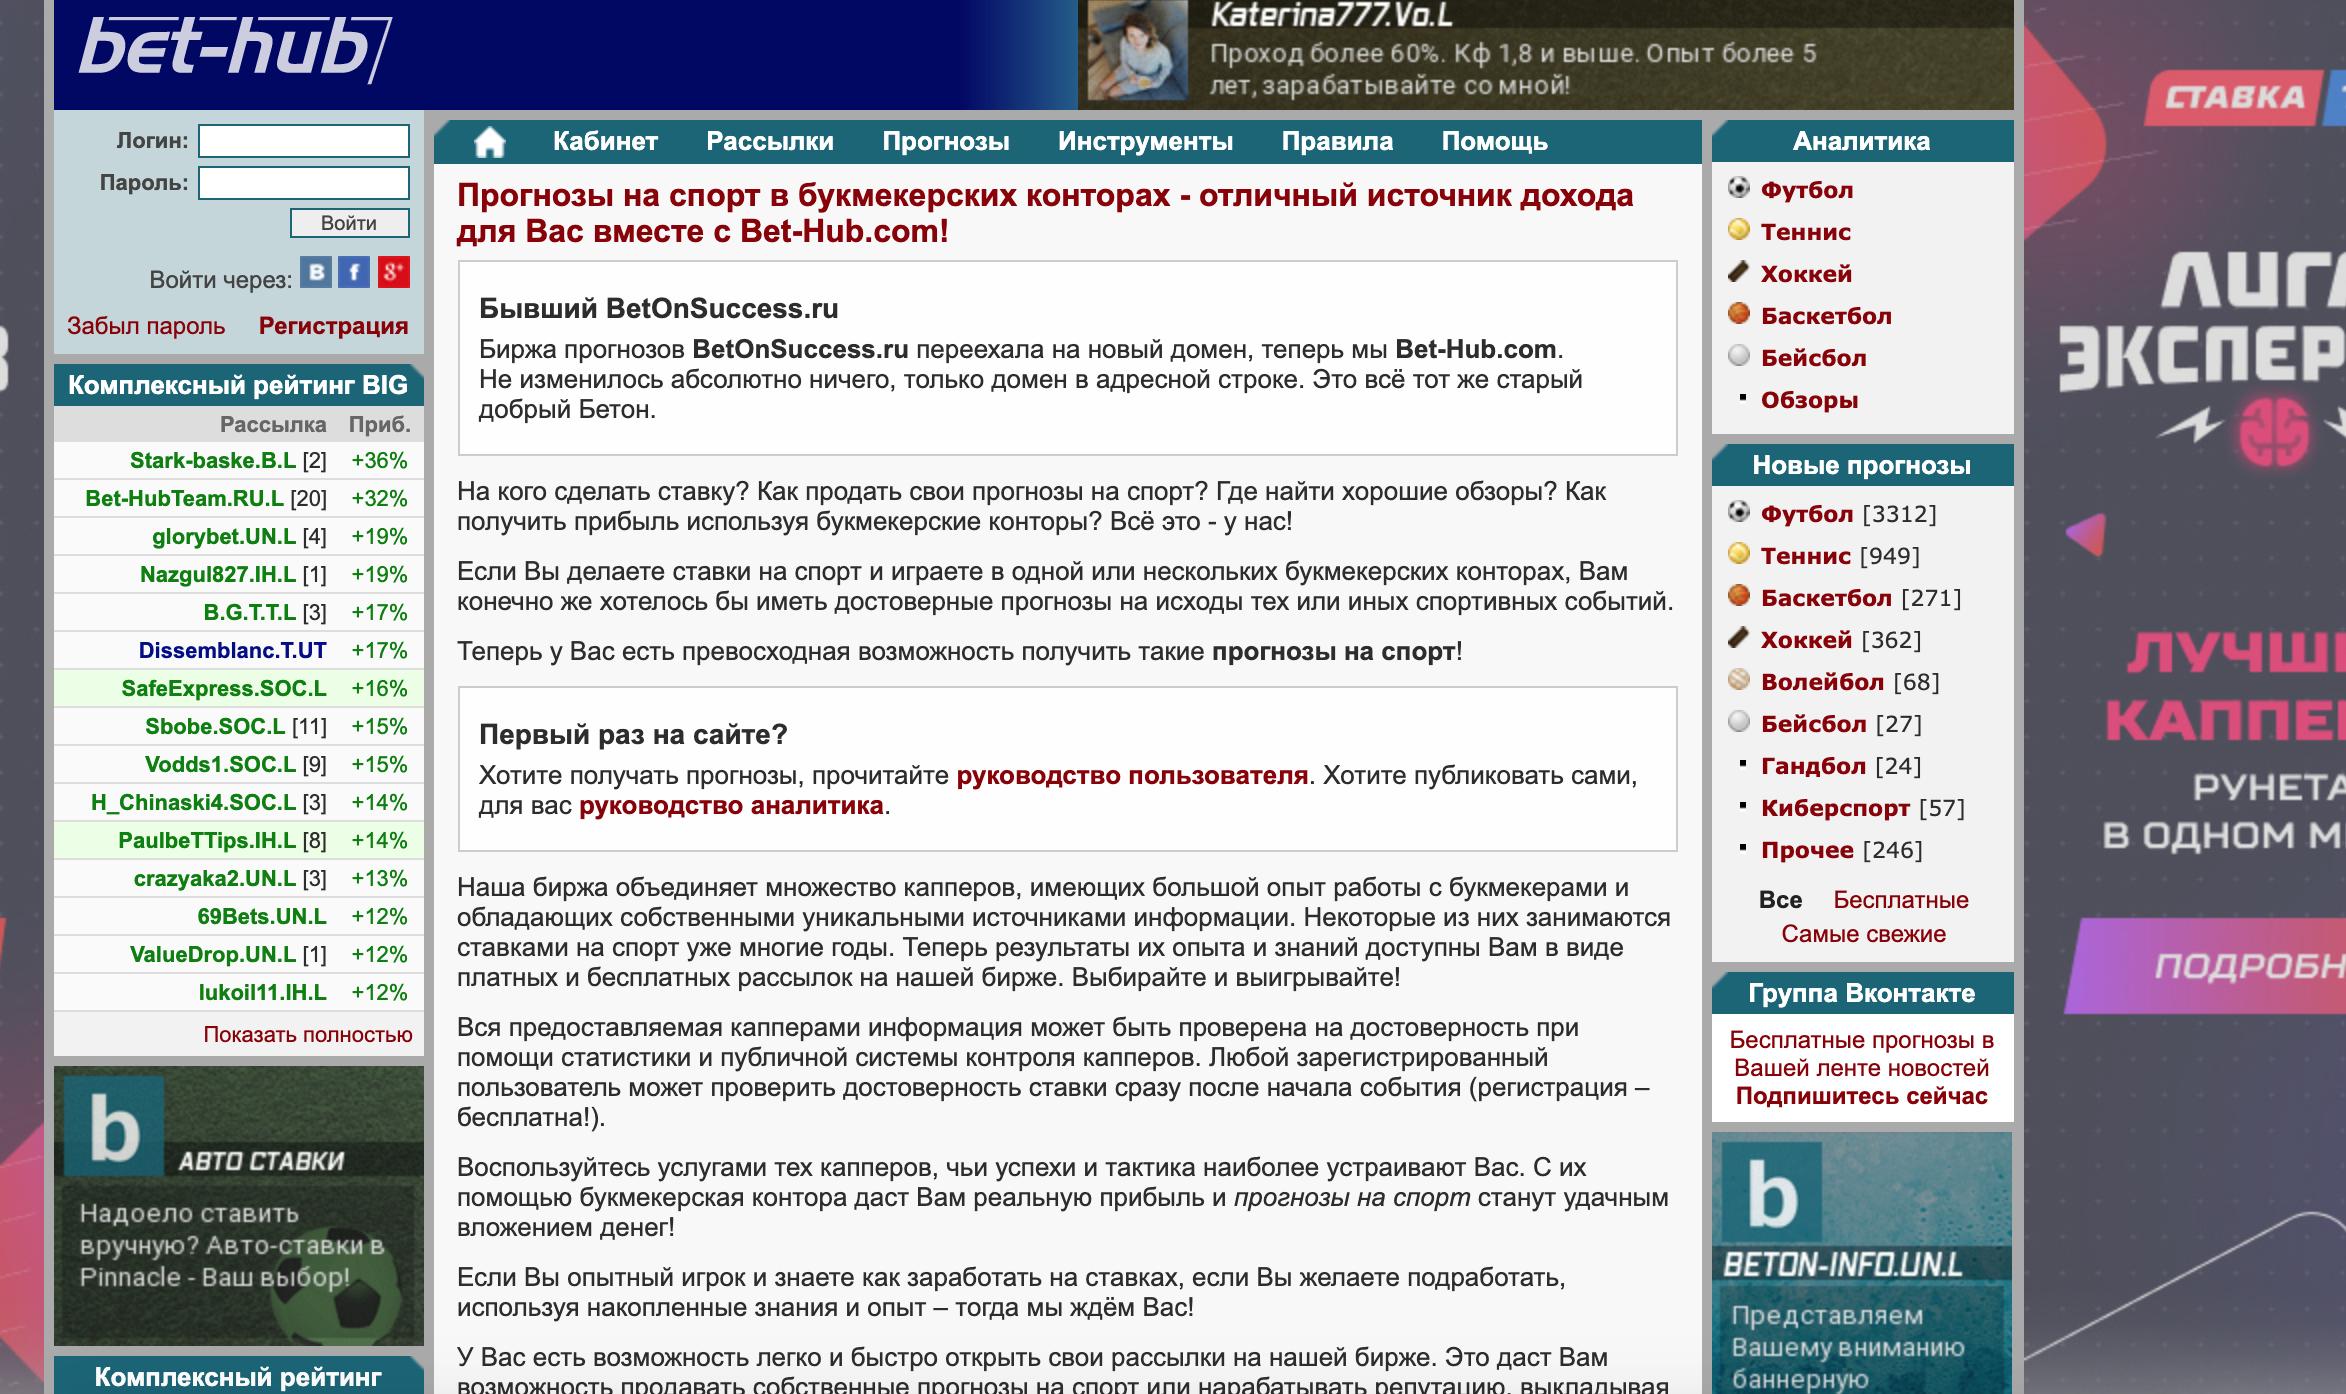 Главная страница сайта bet-hub.com